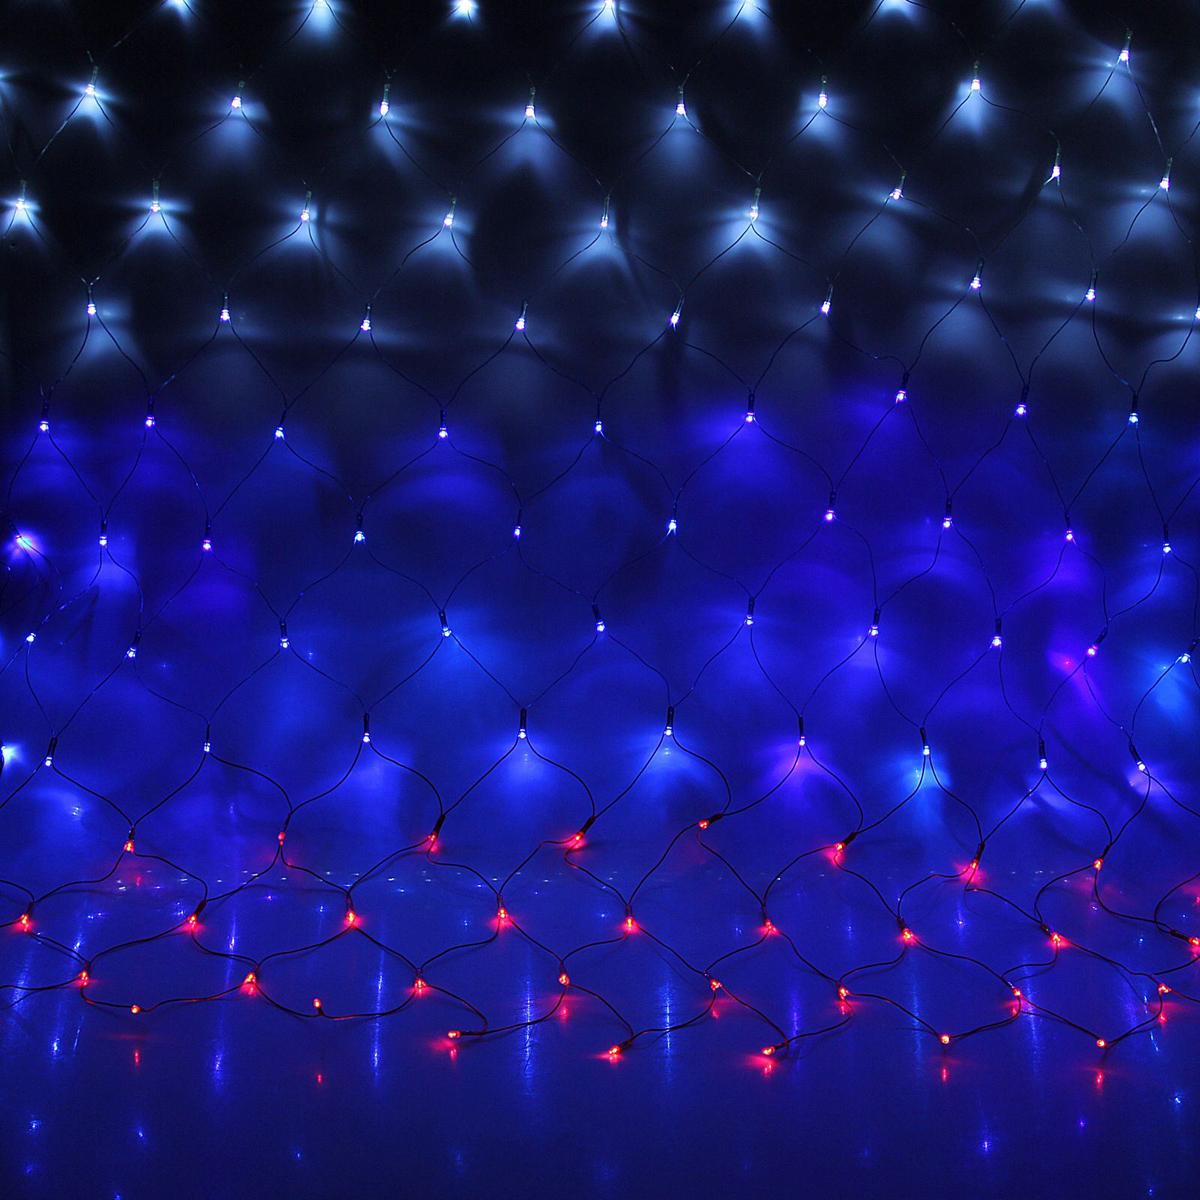 Гирлянда Luazon Сетка, длина 1,6 м, LED 144 ламп, 220V, цвет: триколор1585762Светодиодные гирлянды, ленты и т.д — это отличный вариант для новогоднего оформления интерьера или фасада. С их помощью помещение любого размера можно превратить в праздничный зал, а внешние элементы зданий, украшенные ими, мгновенно станут напоминать очертания сказочного дворца. Такие украшения создают ауру предвкушения чуда. Деревья, фасады, витрины, окна и арки будто специально созданы, чтобы вы украсили их светящимися нитями.